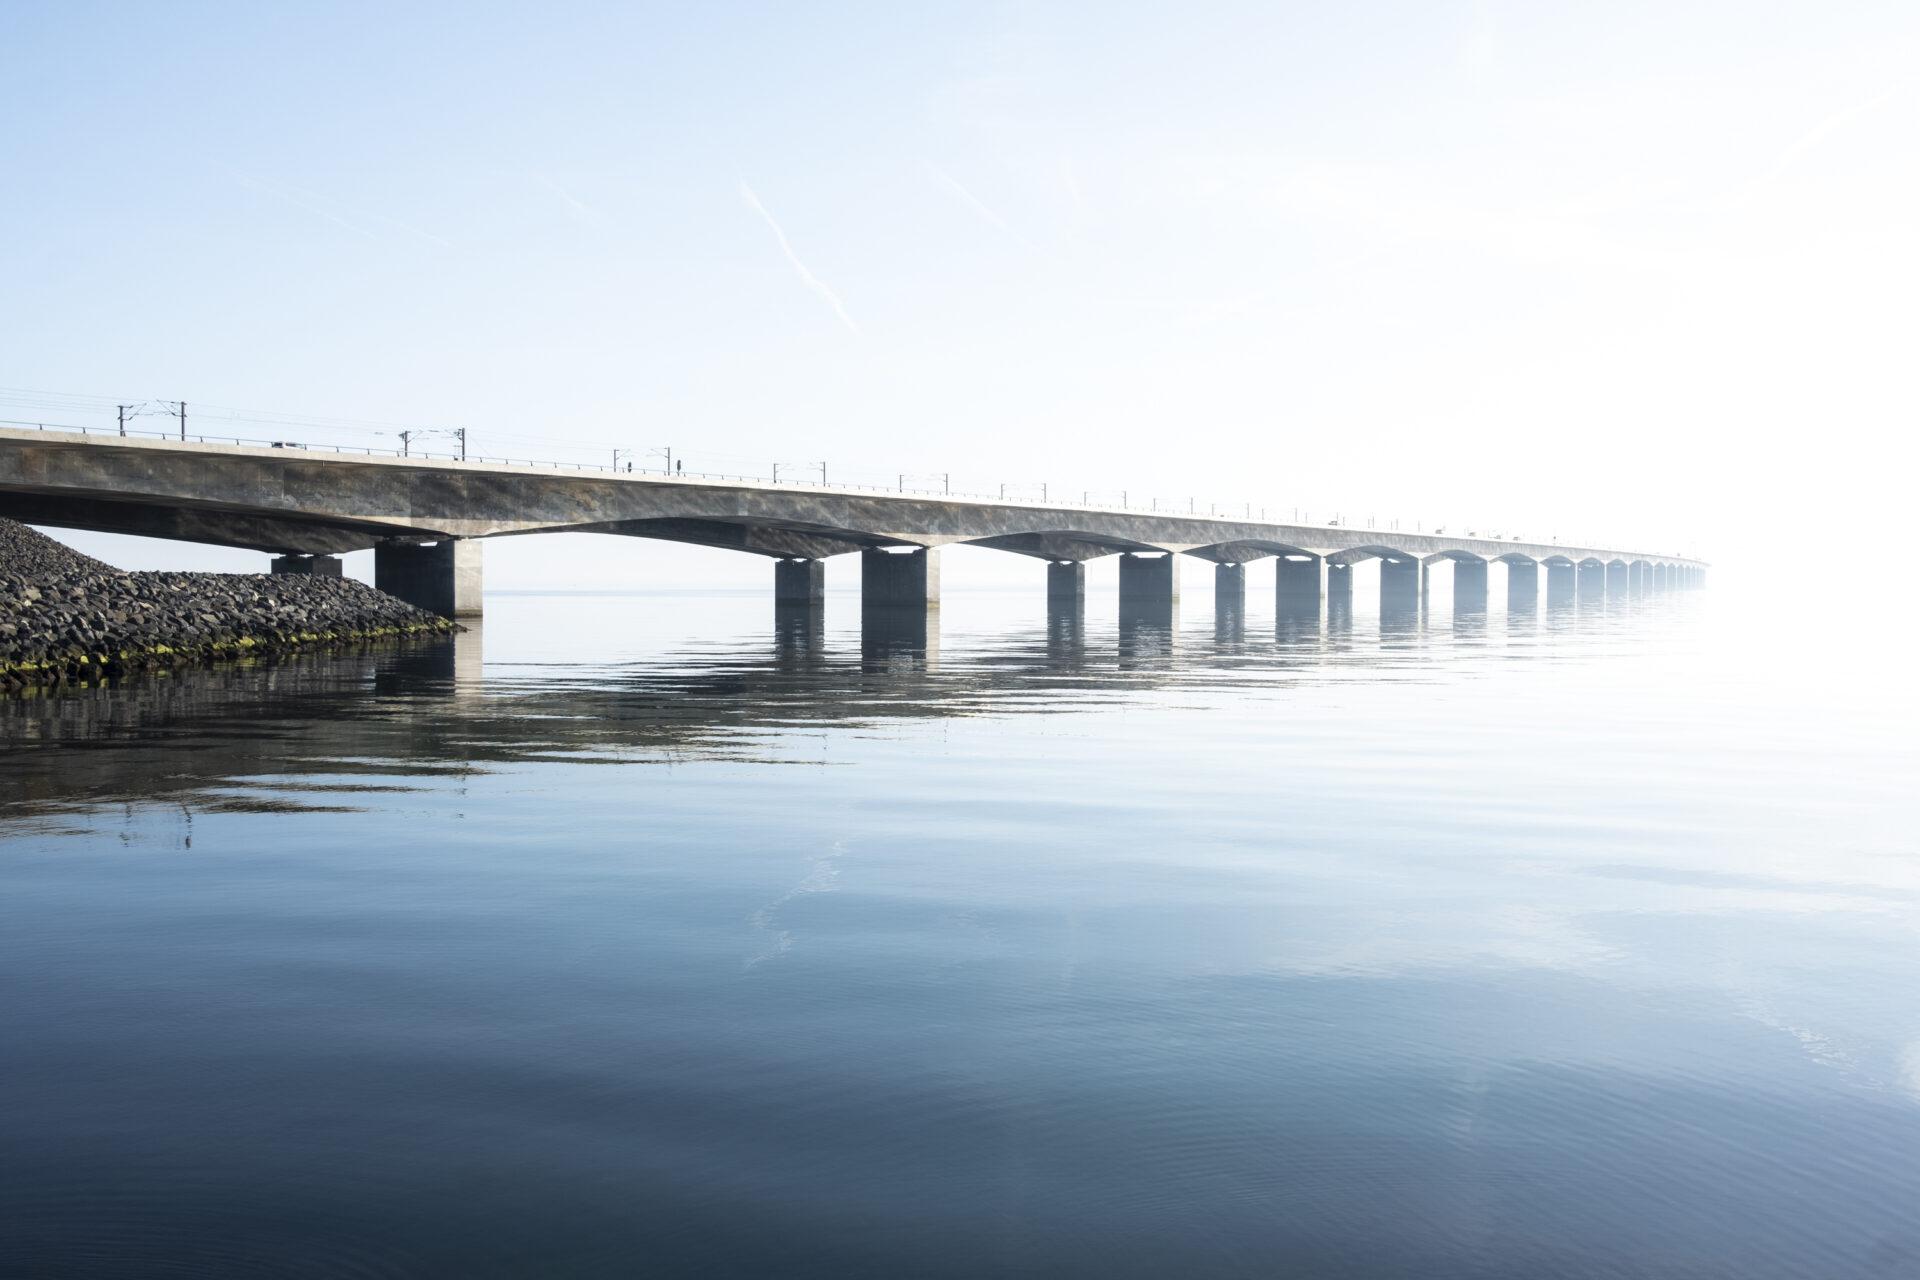 Biggest bridge in Denmark